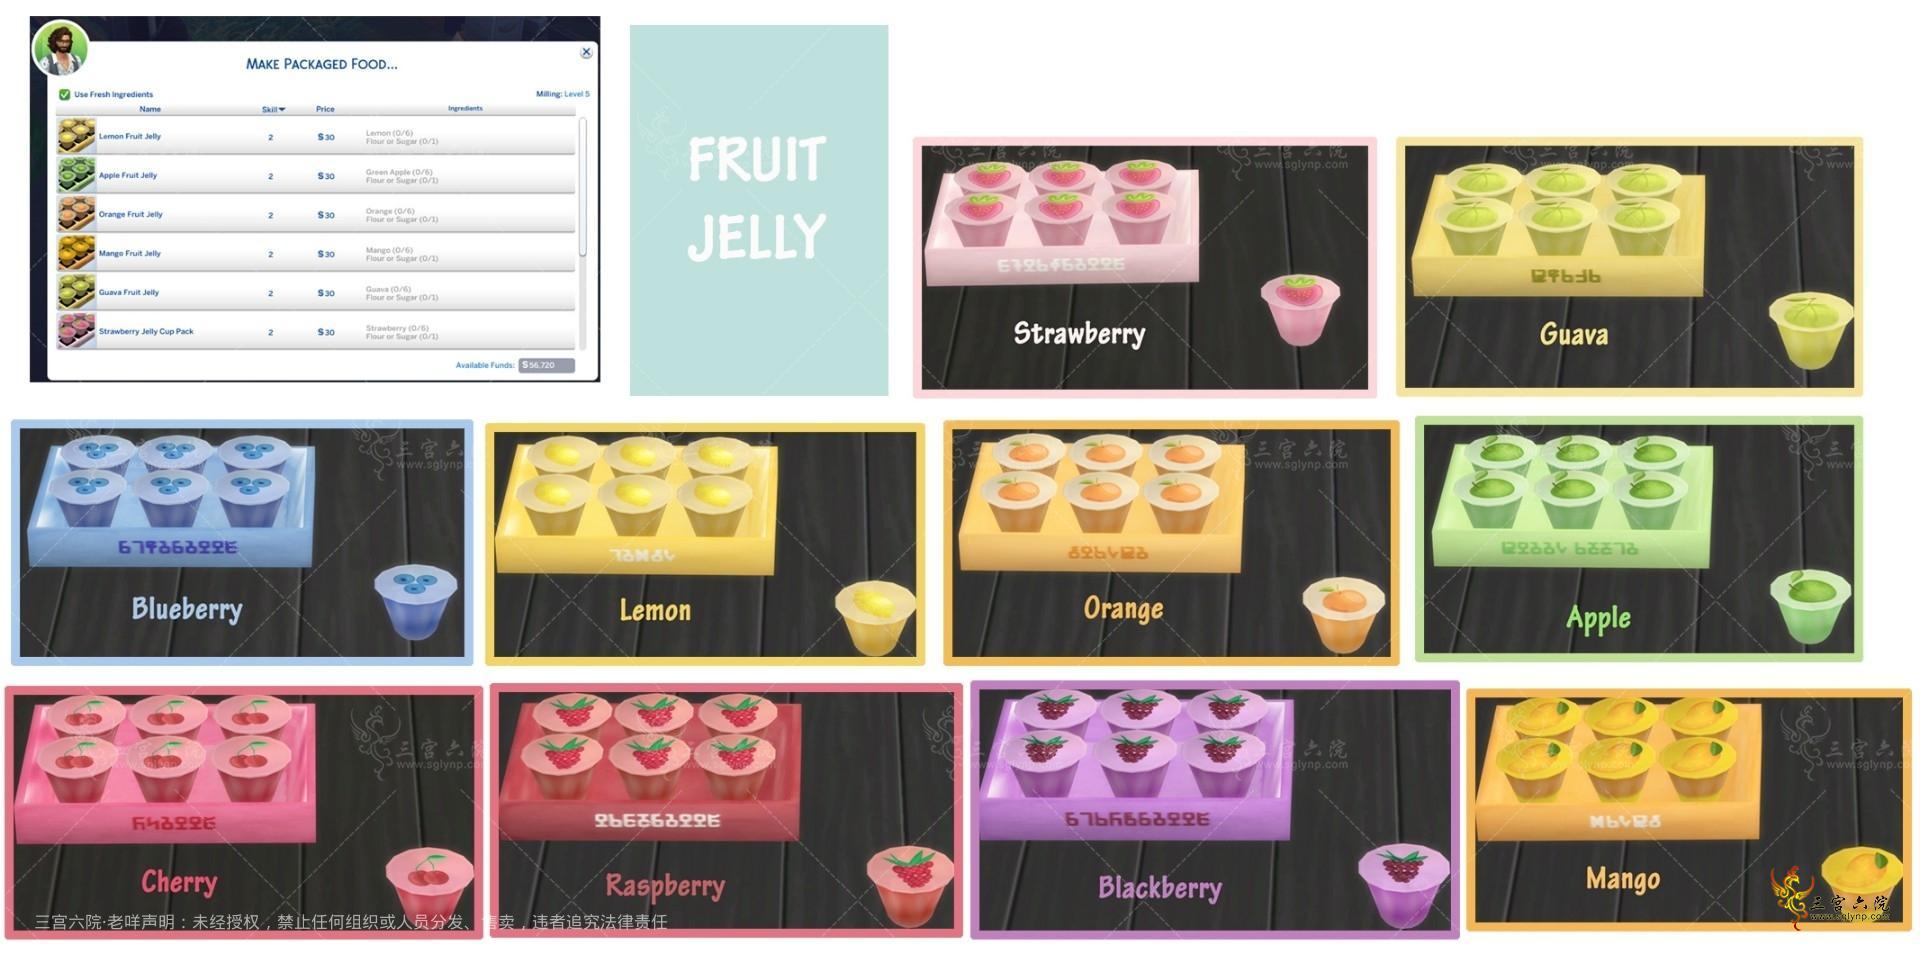 FruitJelly.jpg